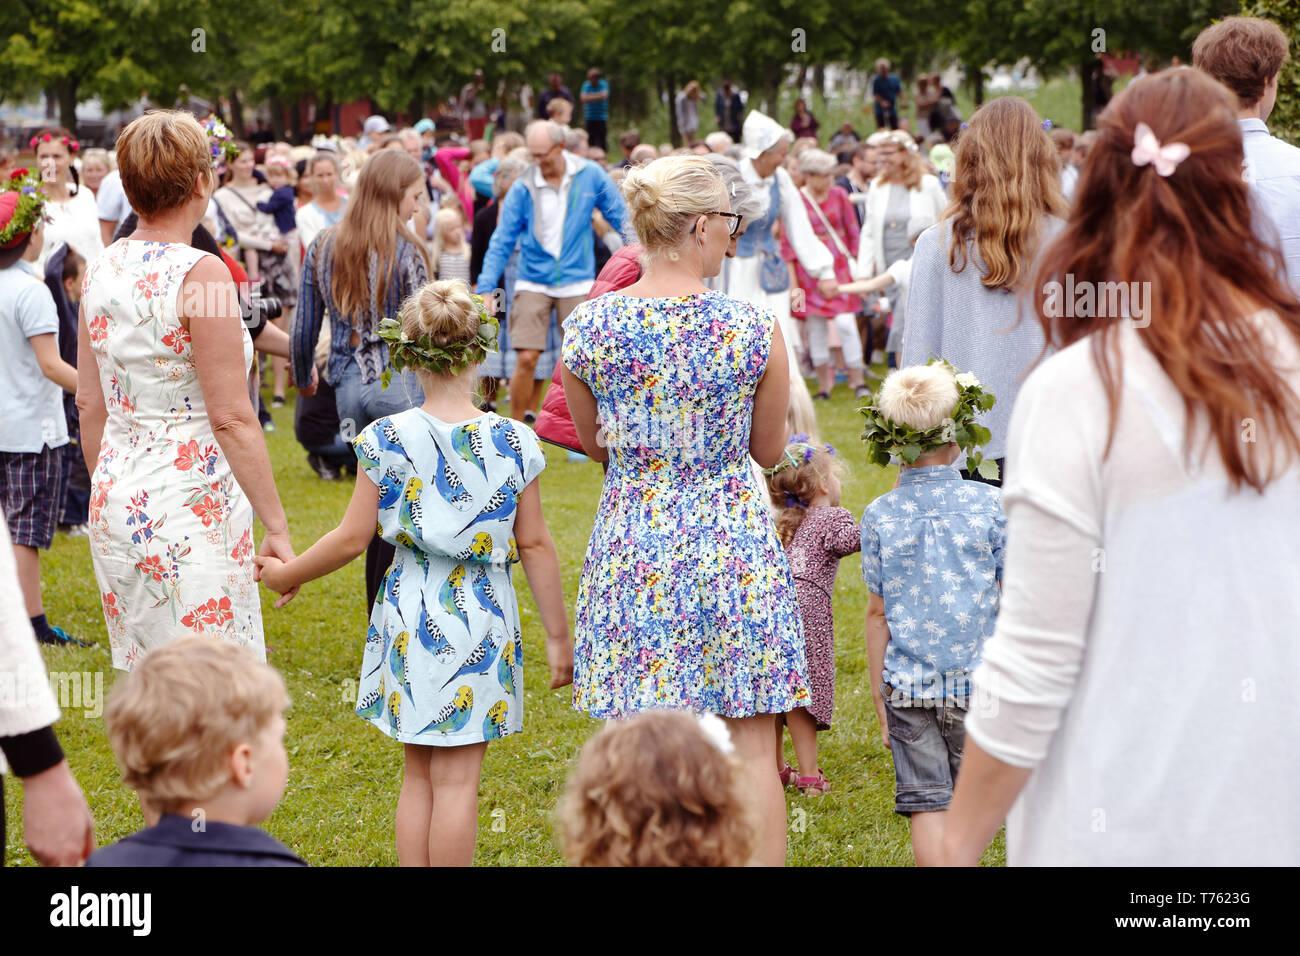 Mariefred, Suecia - Junio 24, 2016: la gente participa en la tradicional celebración pública de las vacaciones de verano bailando alrededor del polo de verano Foto de stock